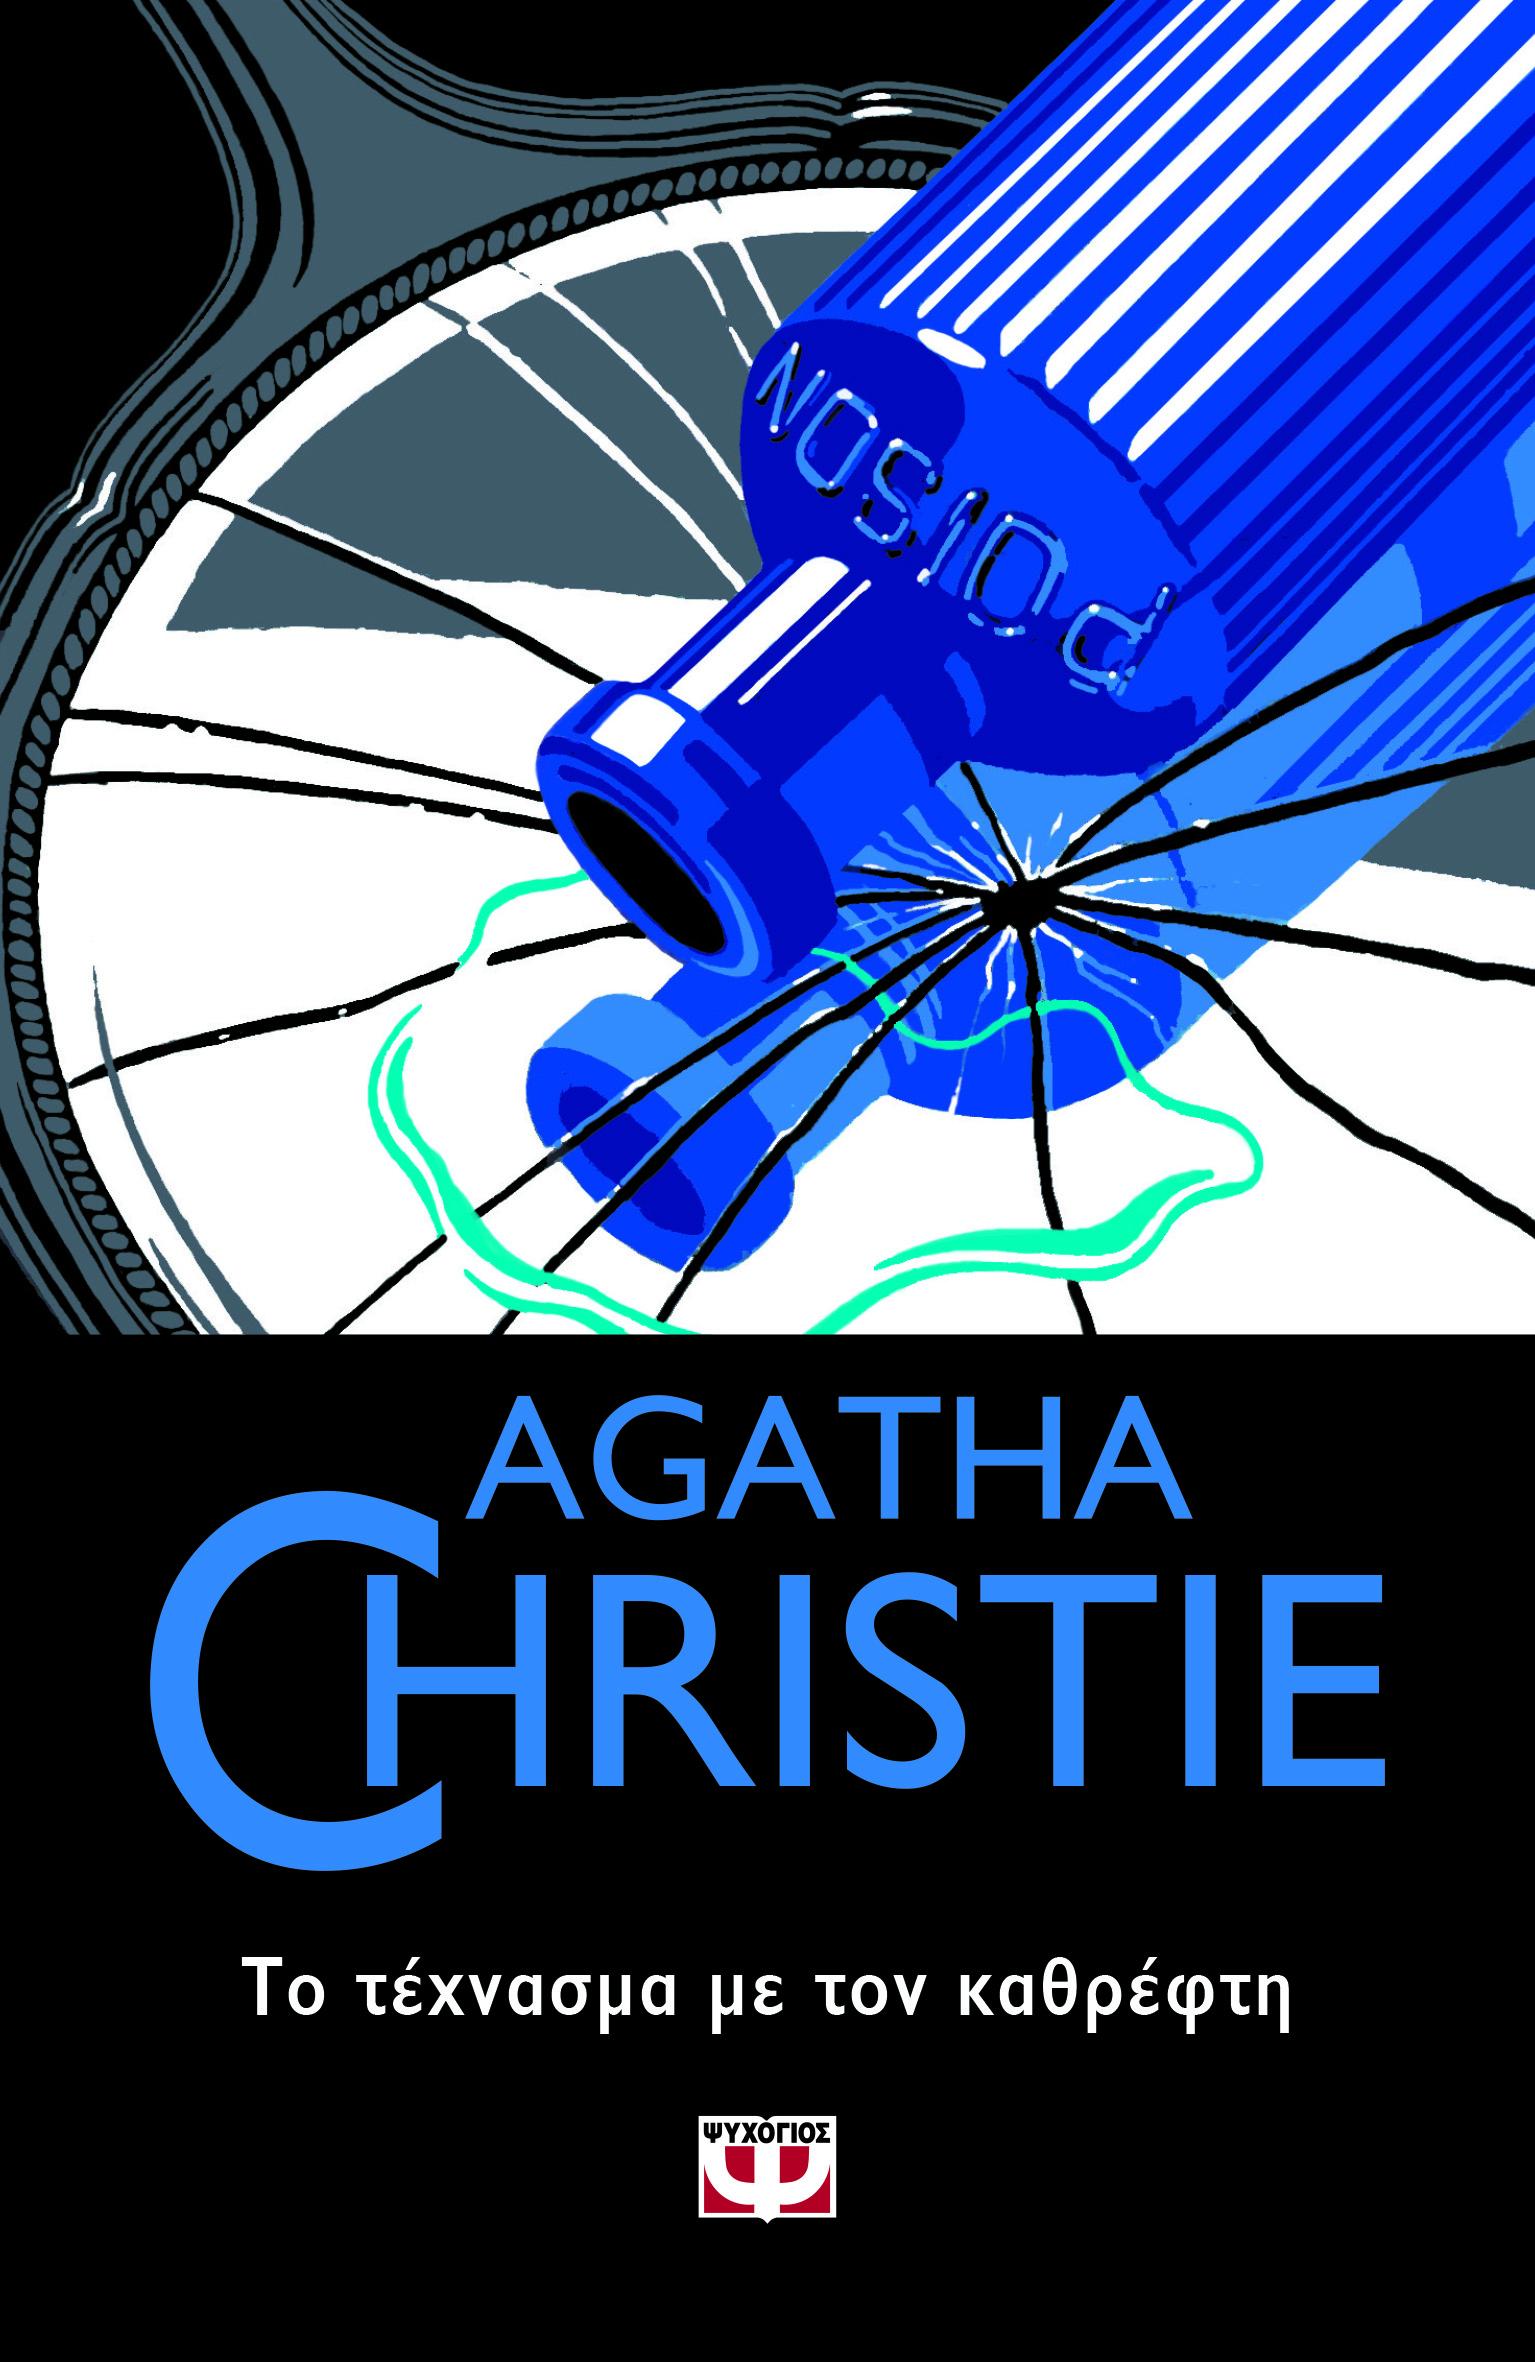 AGATHA CHRISTIE 56:ΤΟ ΤΕΧΝΑΣΜΑ ΜΕ ΤΟΝ ΚΑΘΡΕΦΤΗ